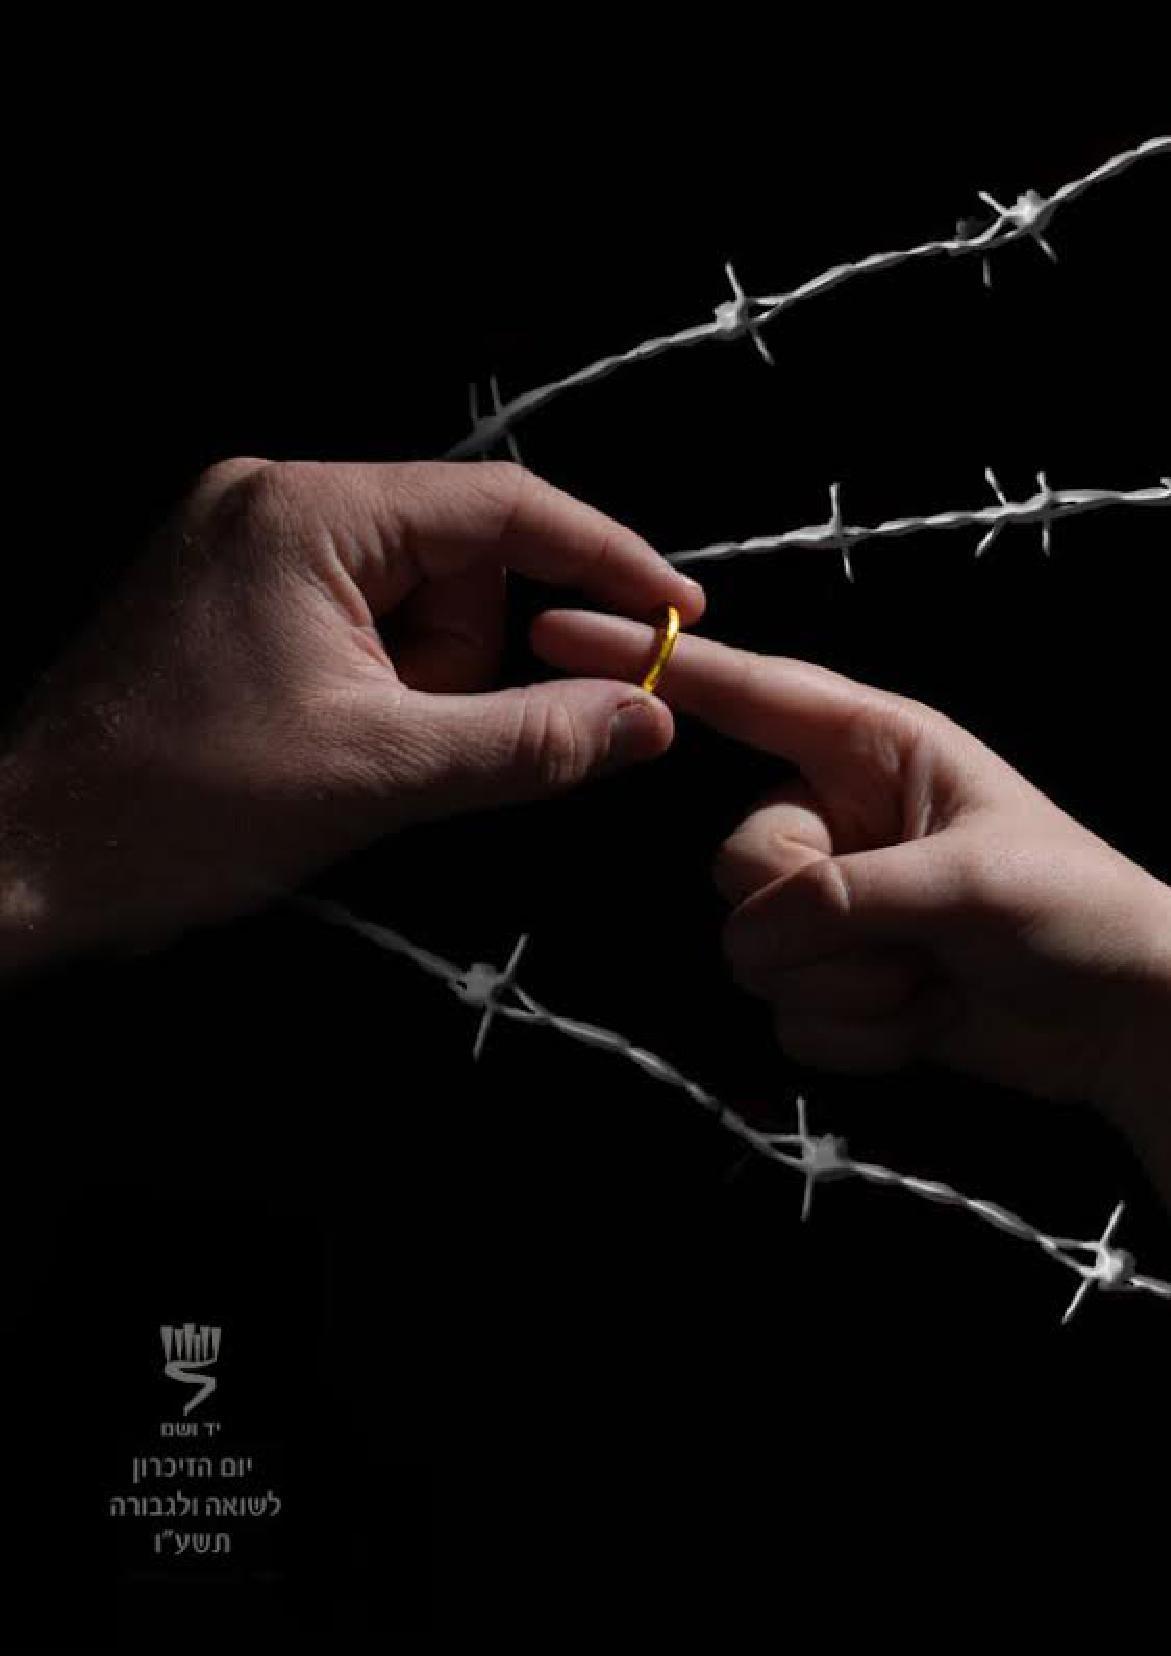 מעצבות זיכרון לשואה